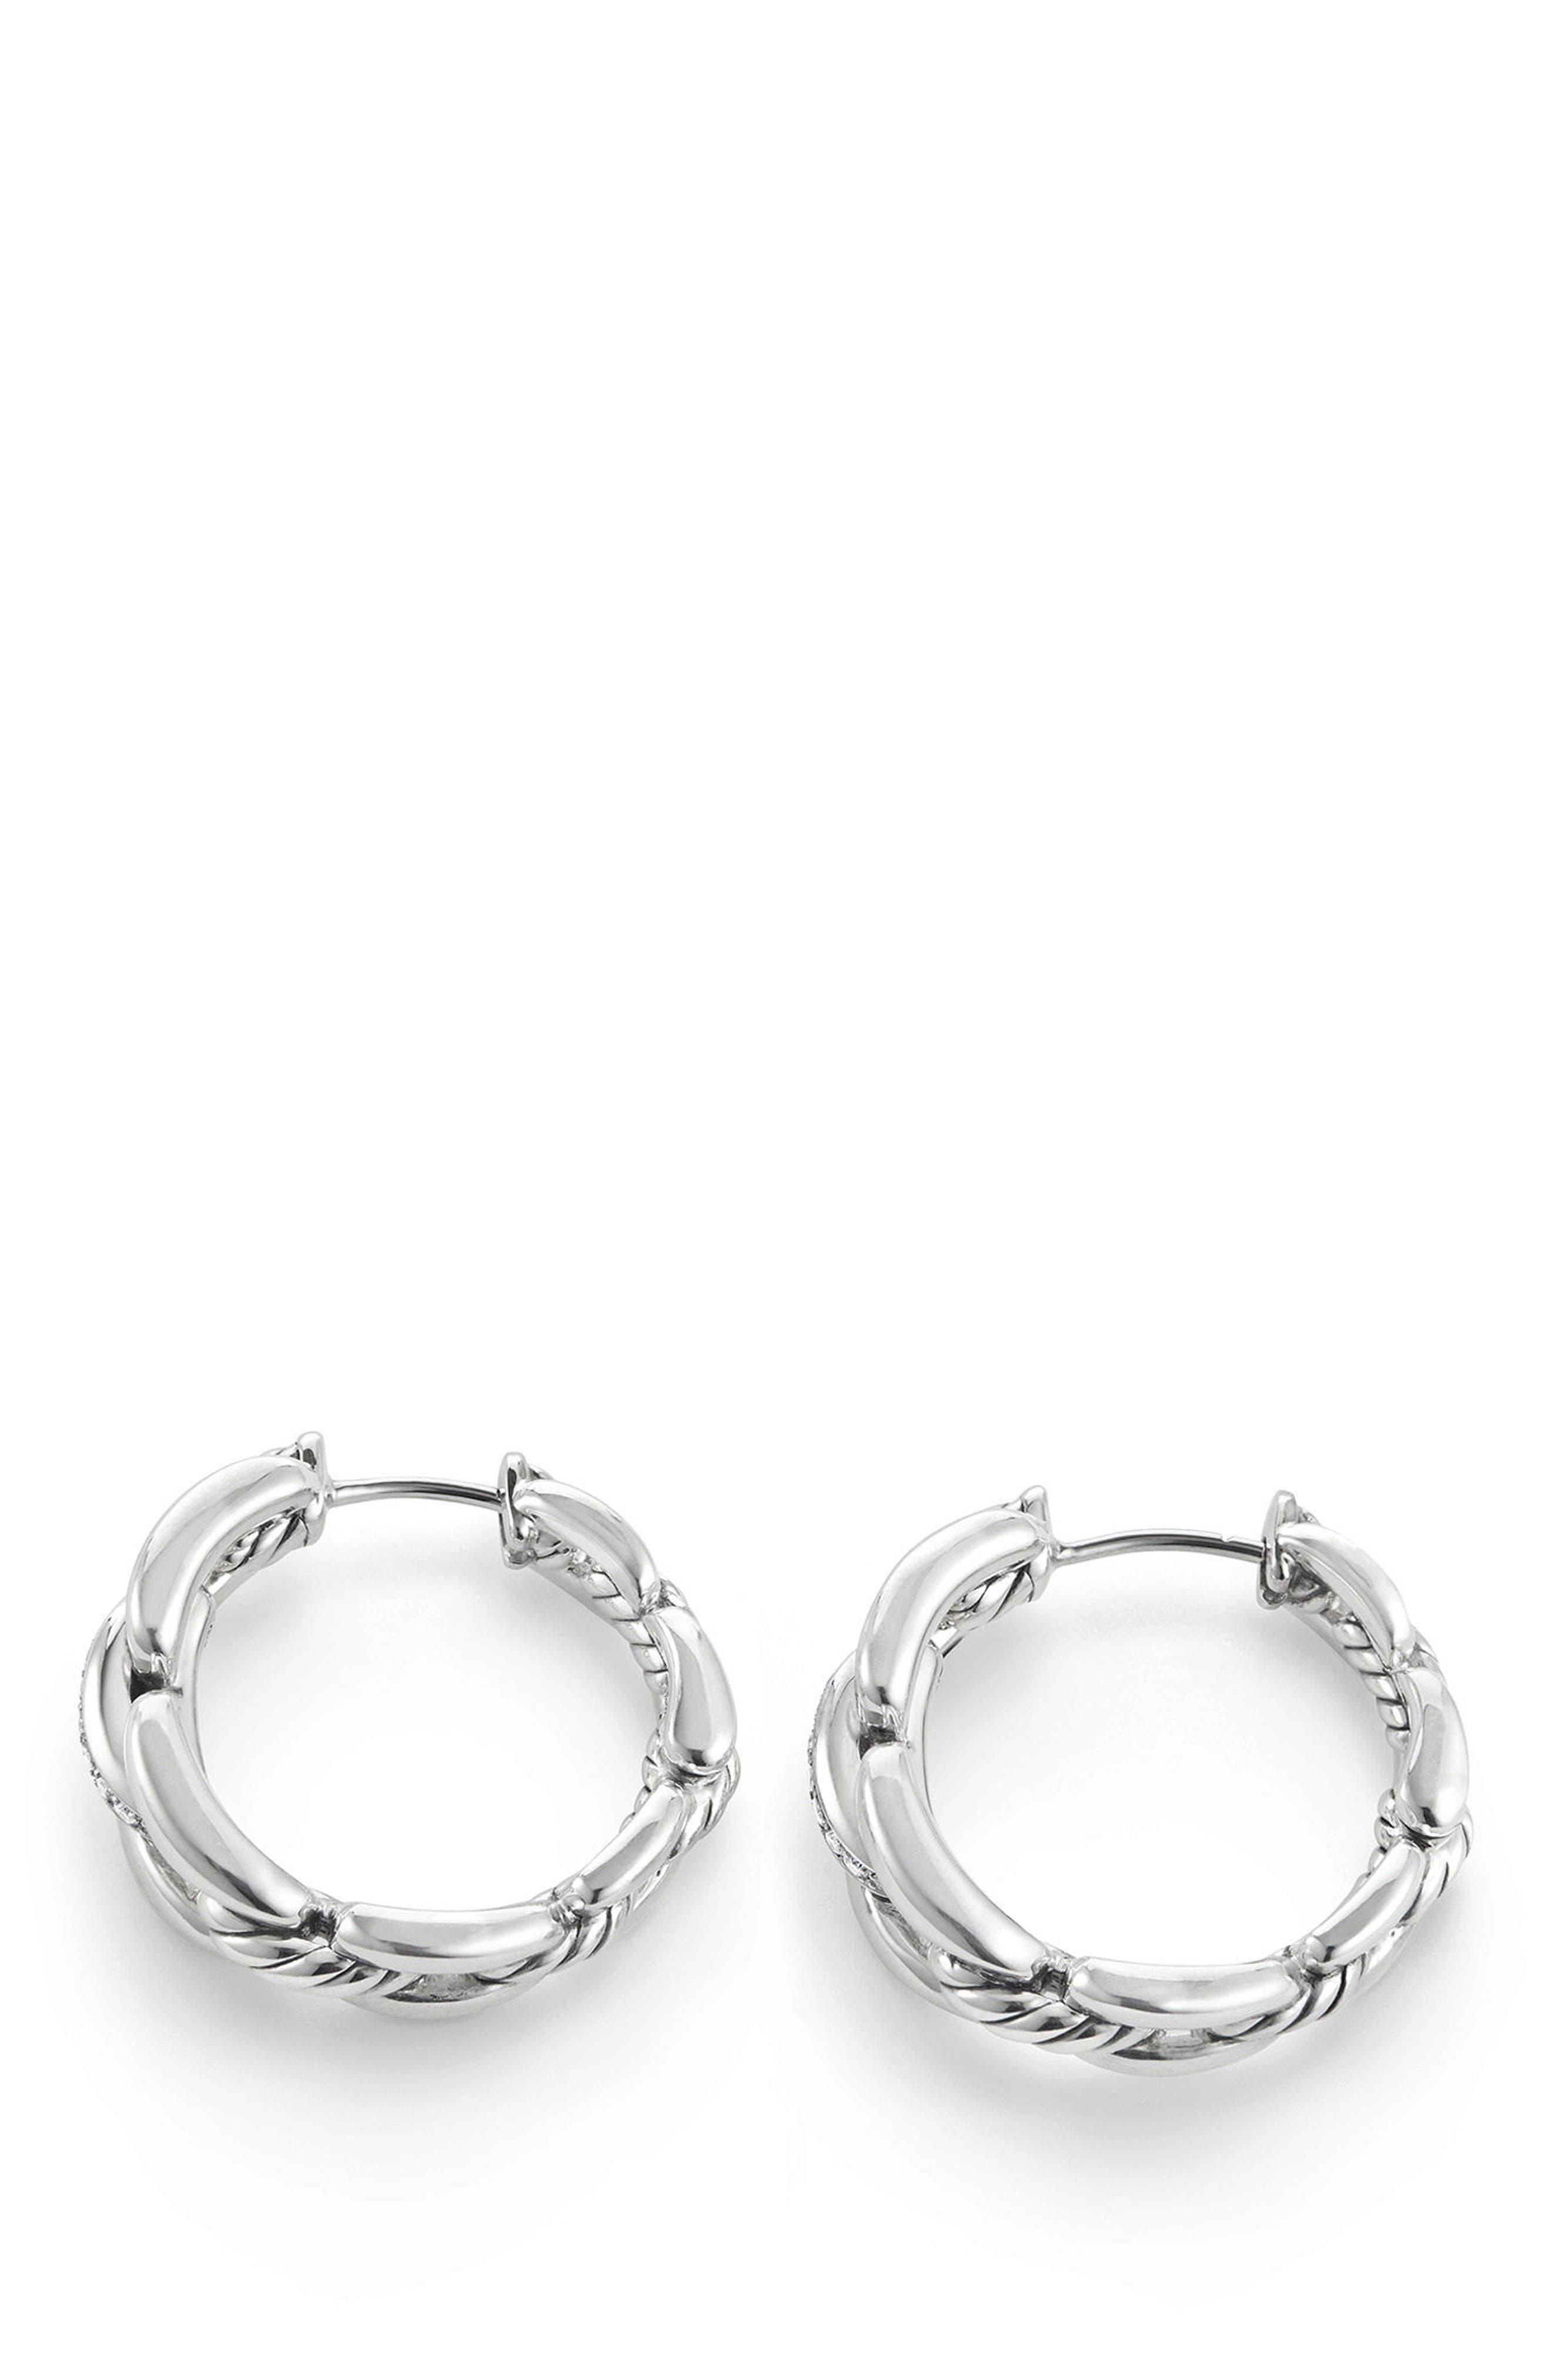 Wellesley Link Hoop Earrings with Diamonds, 23mm,                             Alternate thumbnail 2, color,                             SILVER